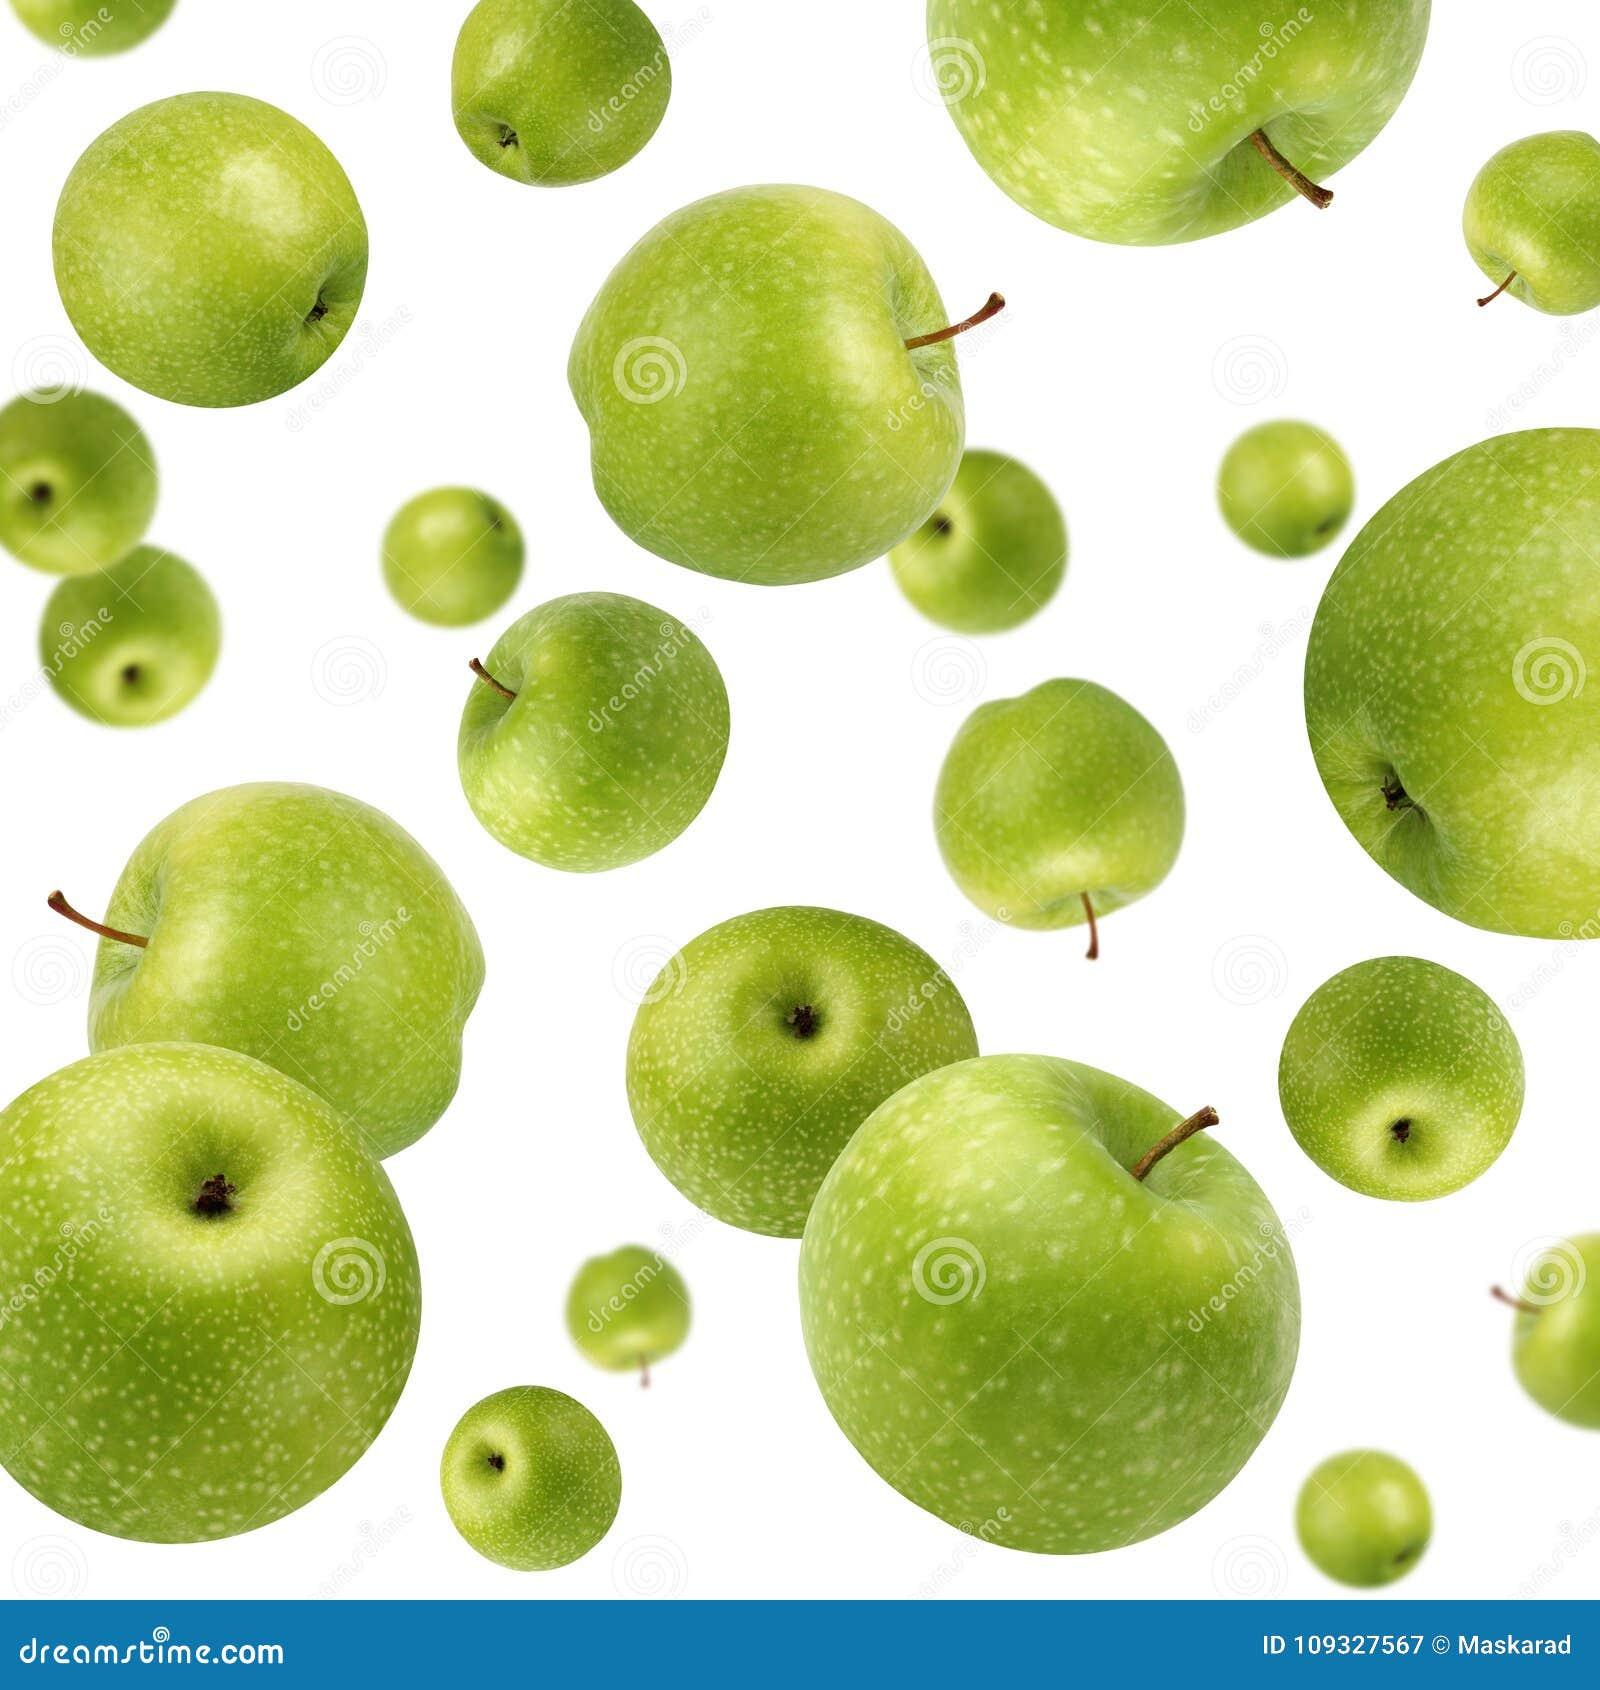 果子背景用绿色苹果 选择聚焦